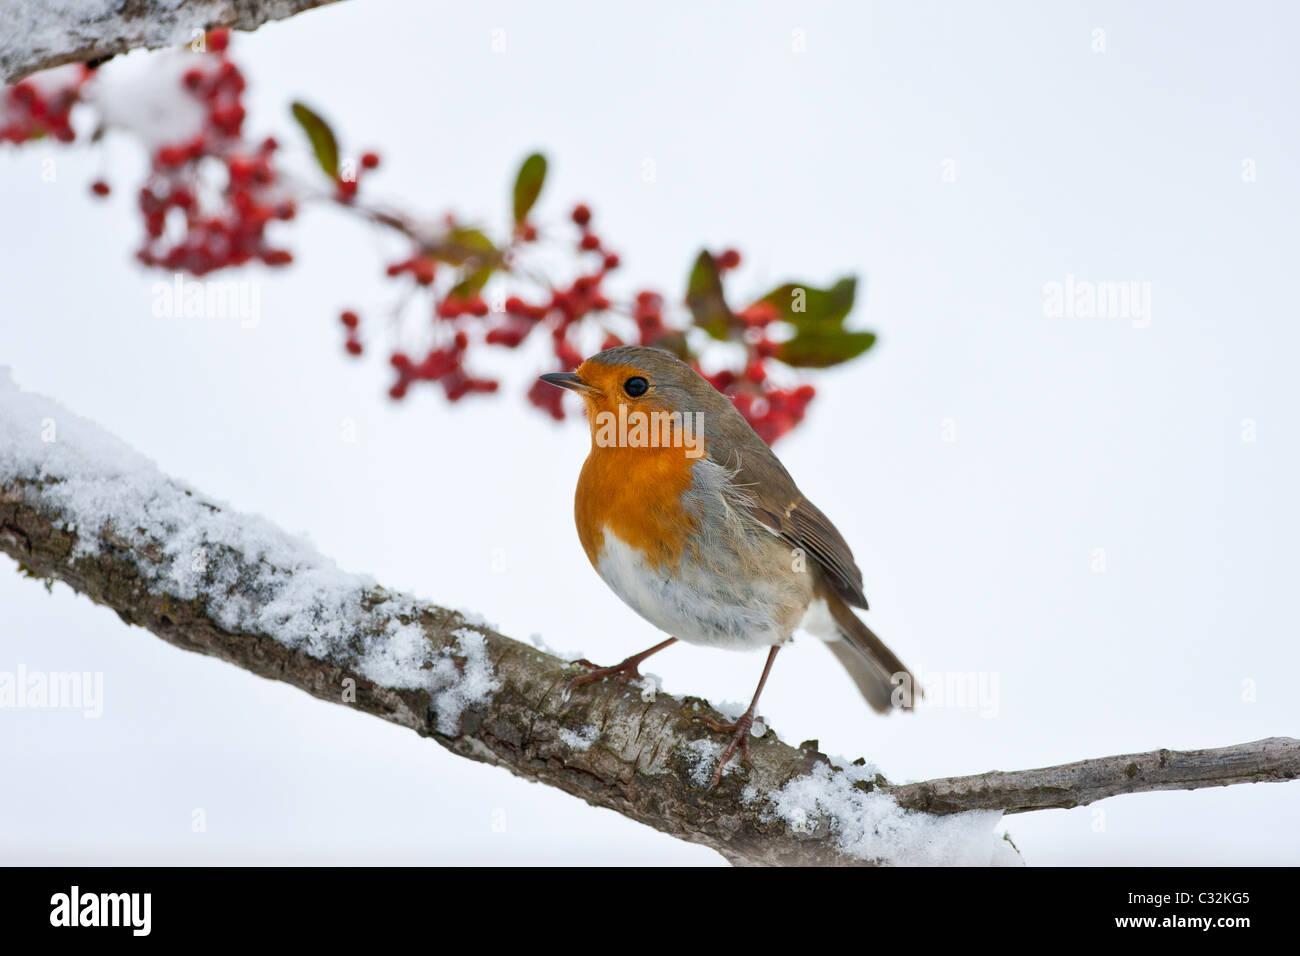 Robin perchoirs par pente enneigée et petits fruits de saison, en hiver, dans les Cotswolds, Royaume-Uni Banque D'Images